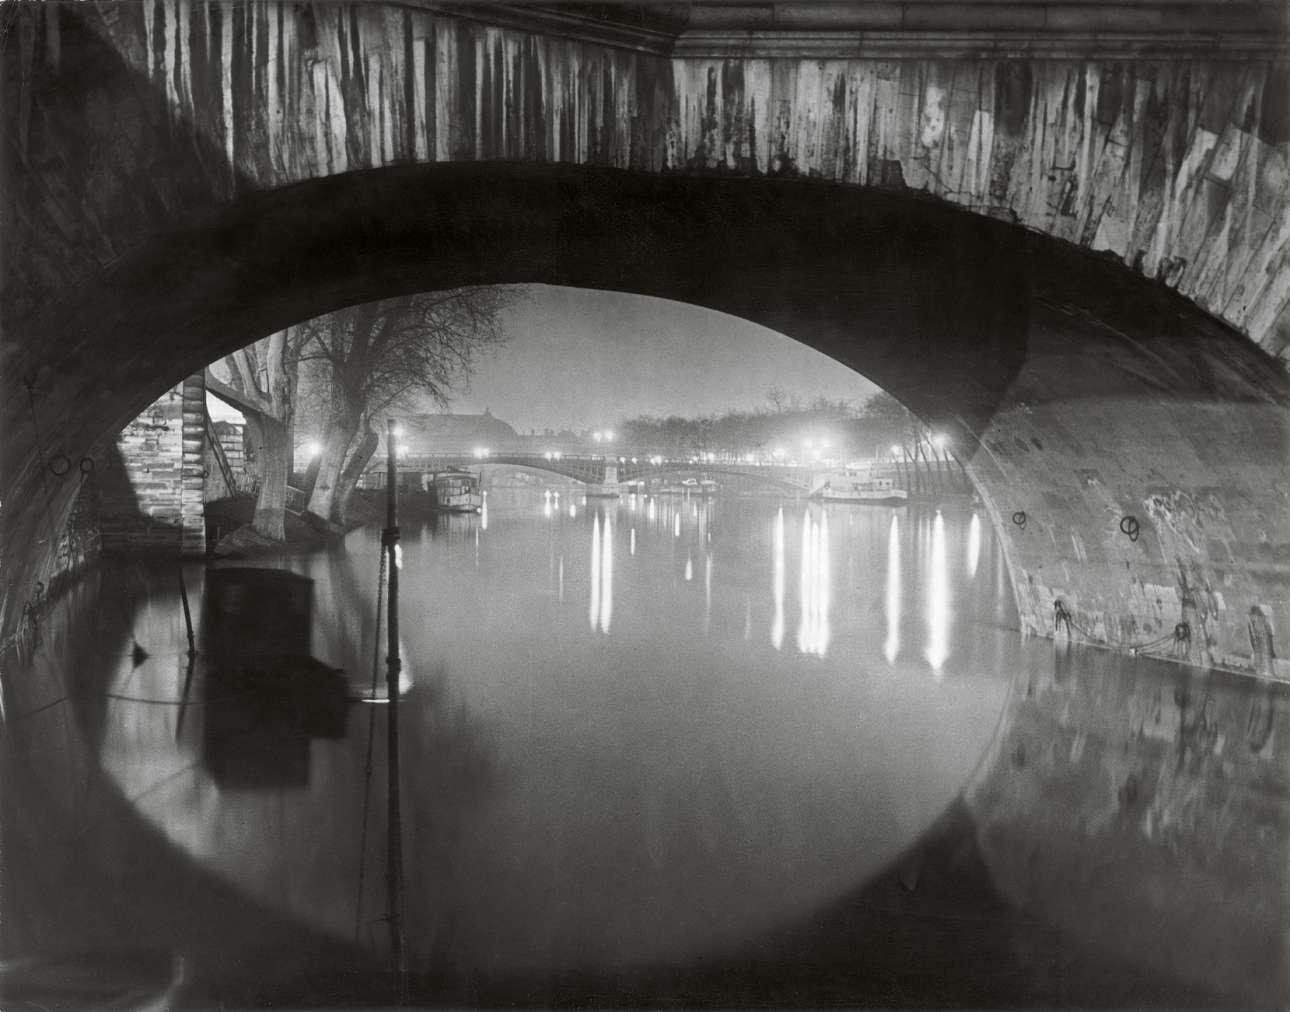 Ενα διαφορετικό καρέ νυχτερινής ζωής... η θέα από το γεφύρι του Pont Royal προς εκείνο του Pont Solferino στο Σηκουάνα, το 1933. Σύμφωνα με τον Μπρασάι «η νύχτα ποτέ δεν αποκαλύπτει καταστάσεις, απλώς τις υπονοεί».